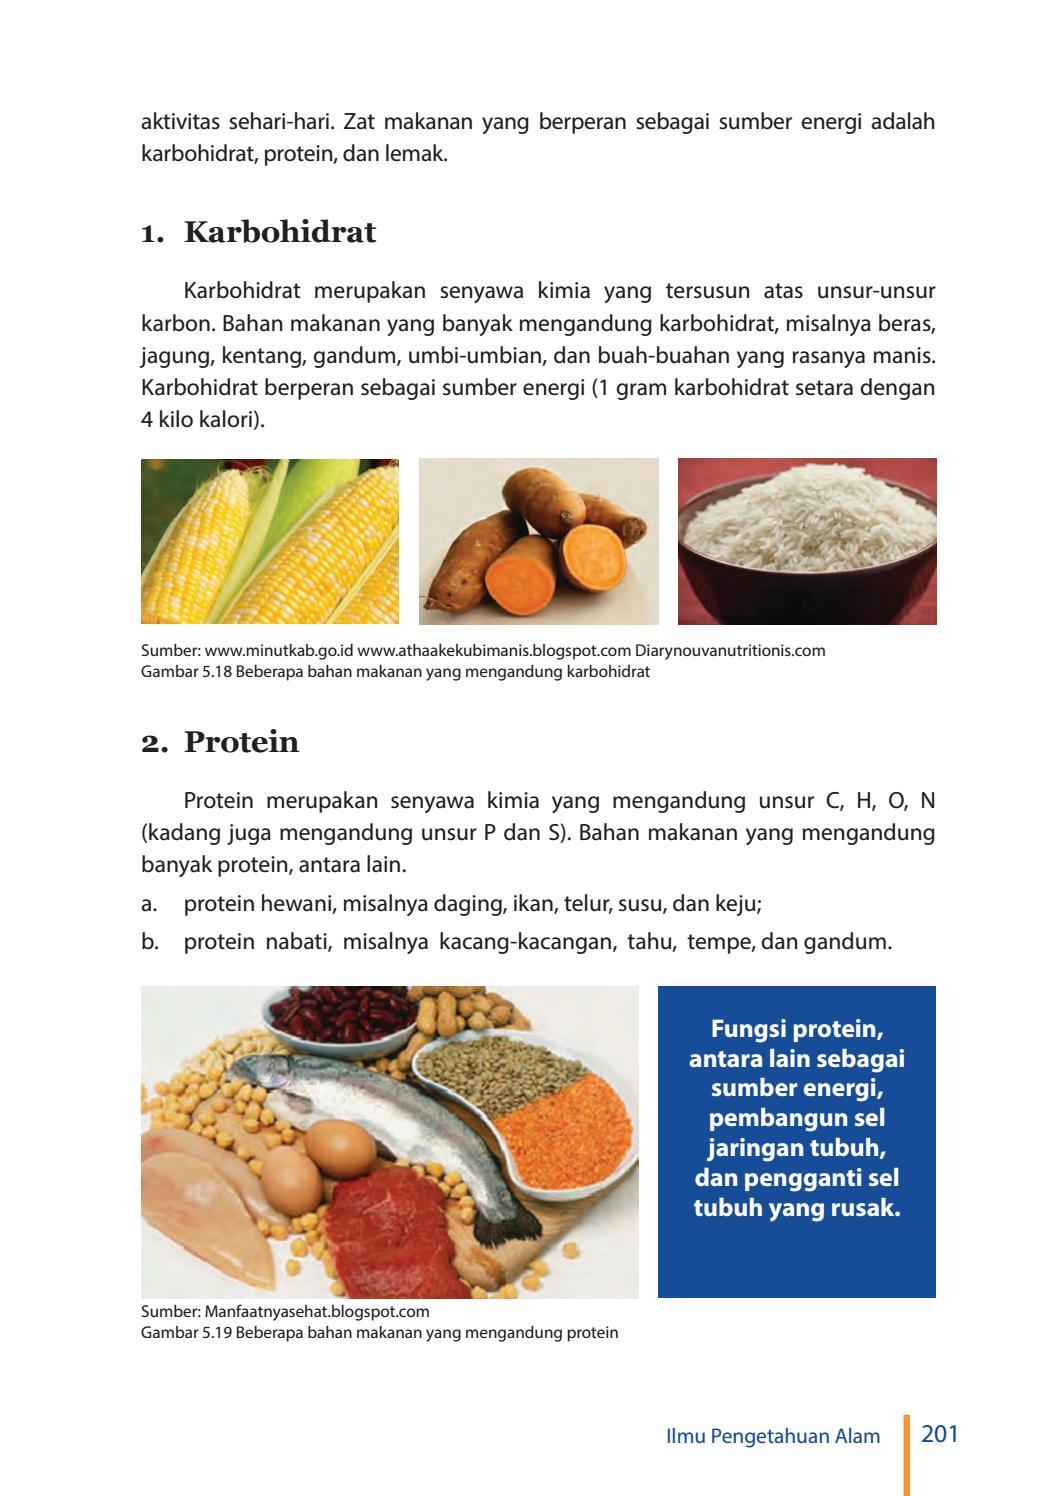 Makanan Yang Mengandung Protein Nabati : makanan, mengandung, protein, nabati, Kelas, Pengetahuan, Siswa, Issuu